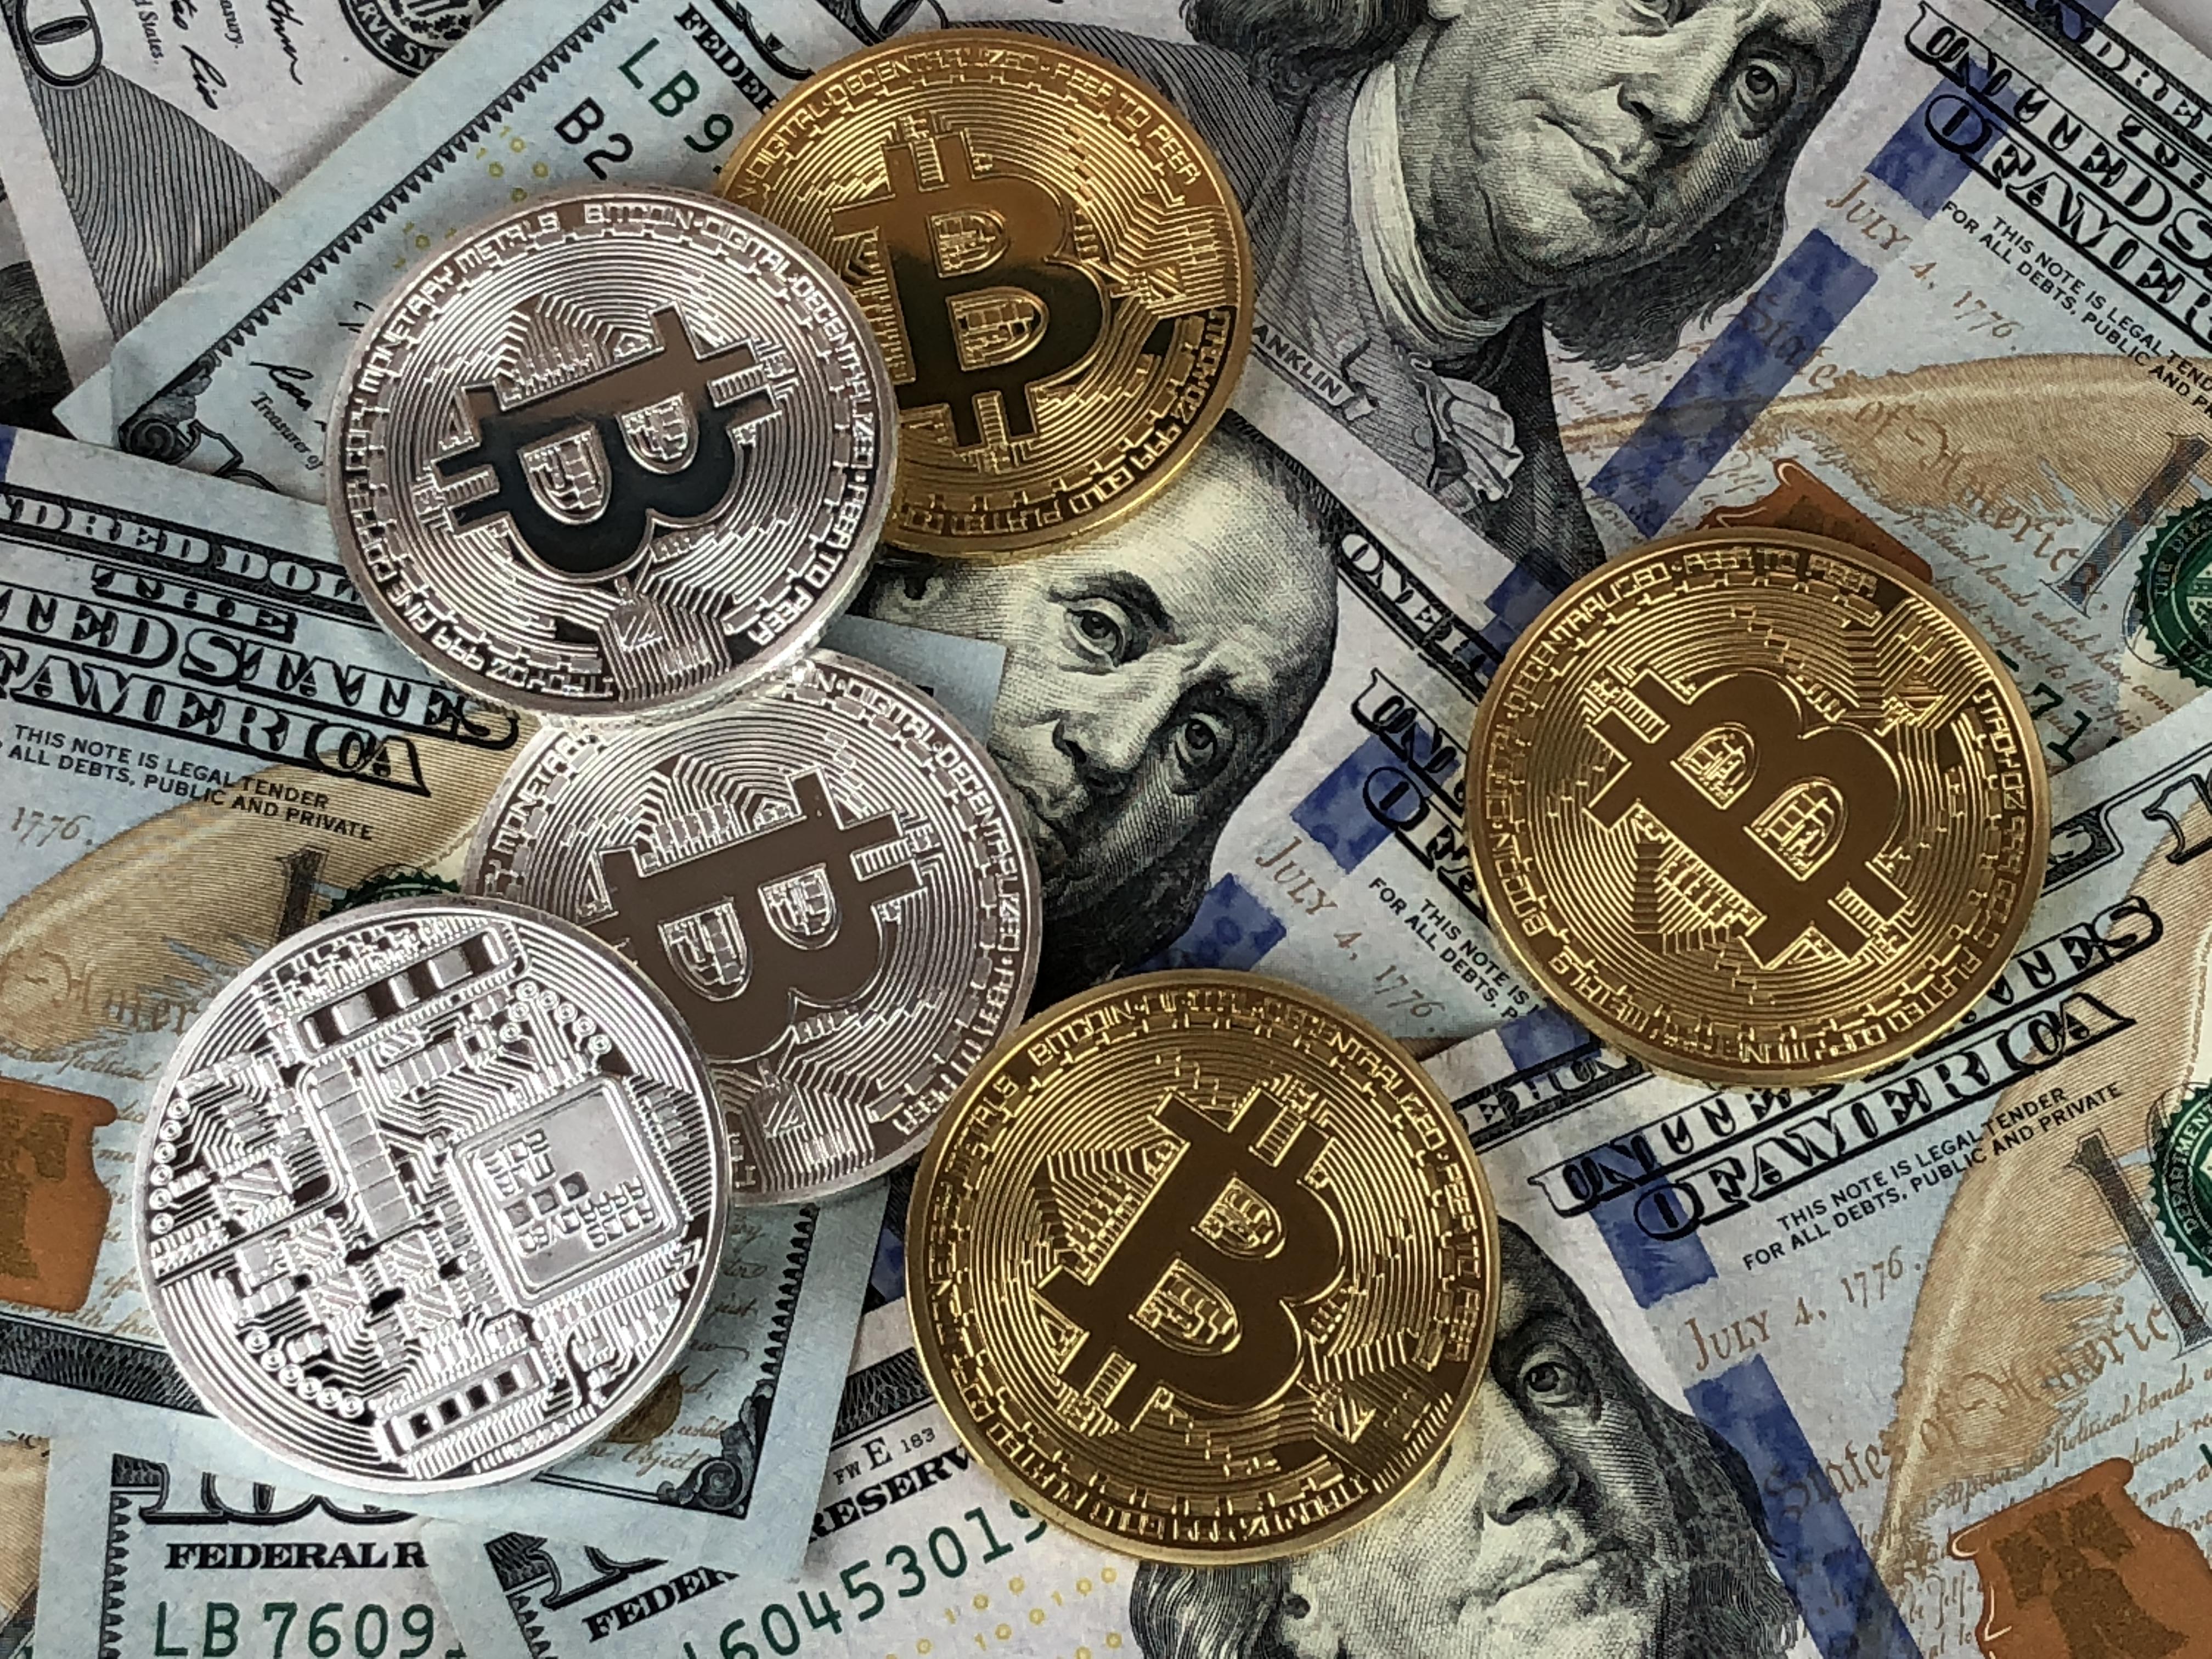 Bitcoin kurs graf, hvad er bitcoin, bitcoin pris, BTC kurs, BTC Pris, BTC graf